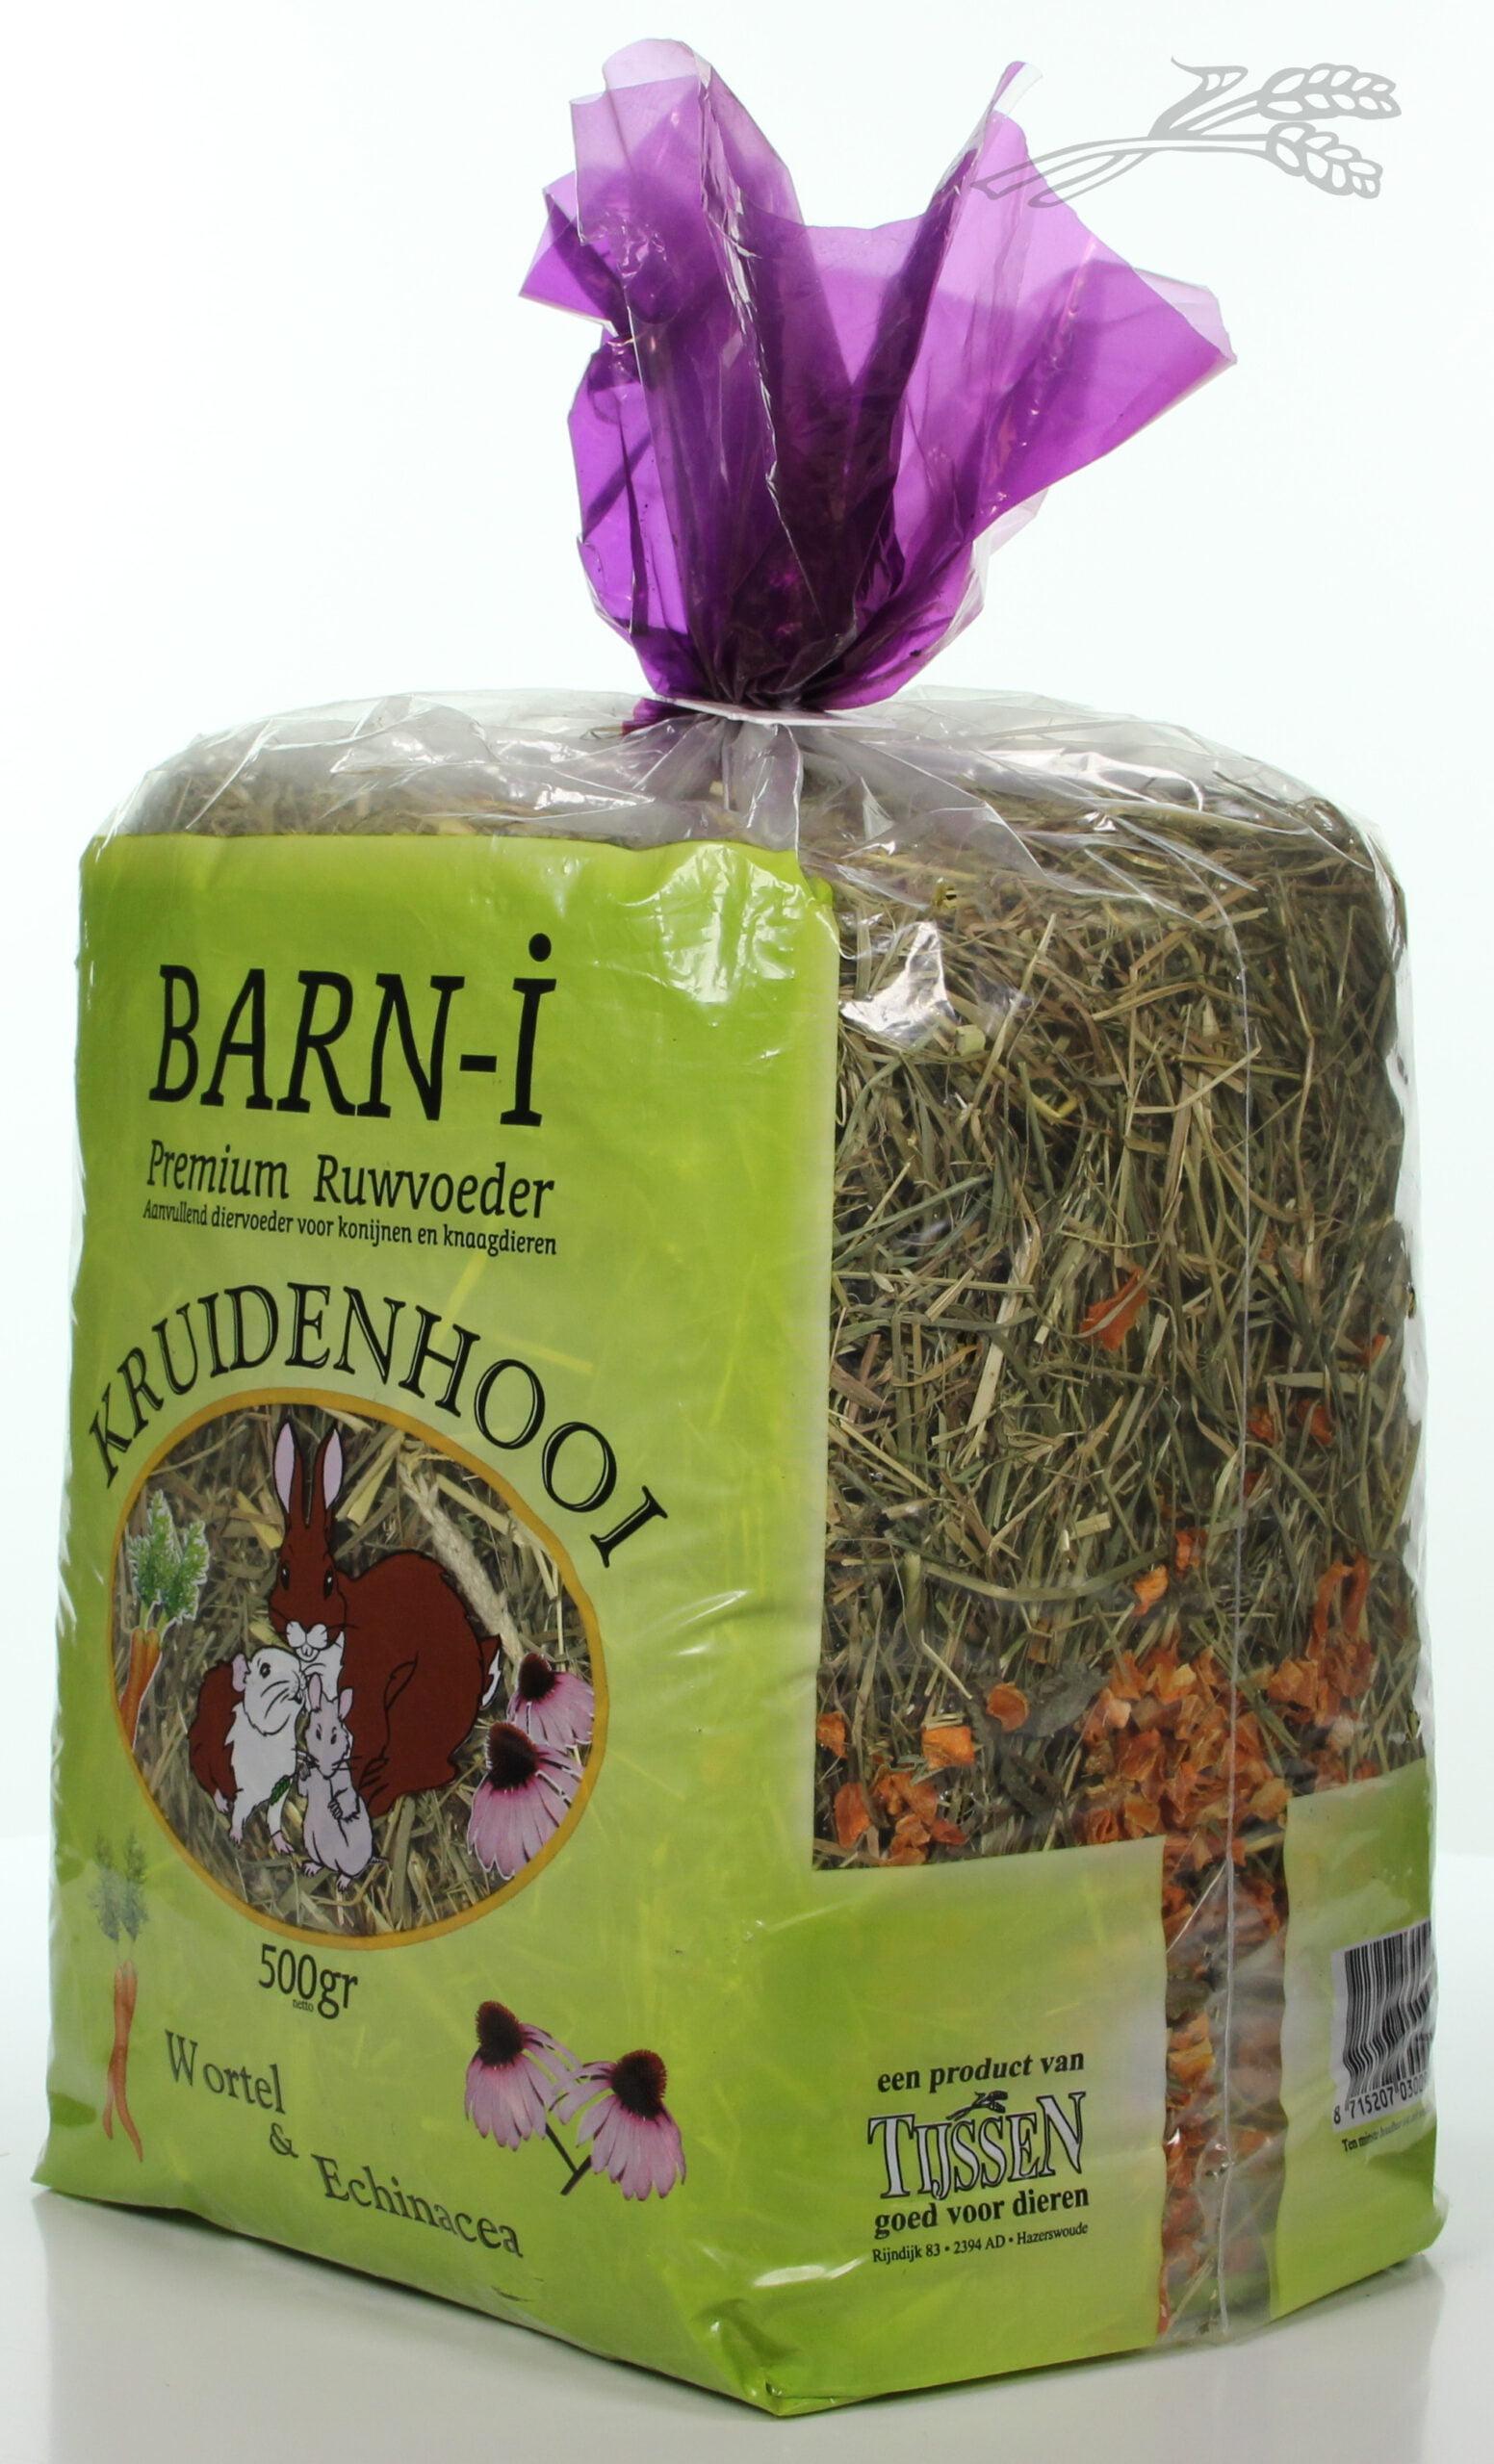 Barn-i Kruidenhooi Echinacea en wortel 500gr